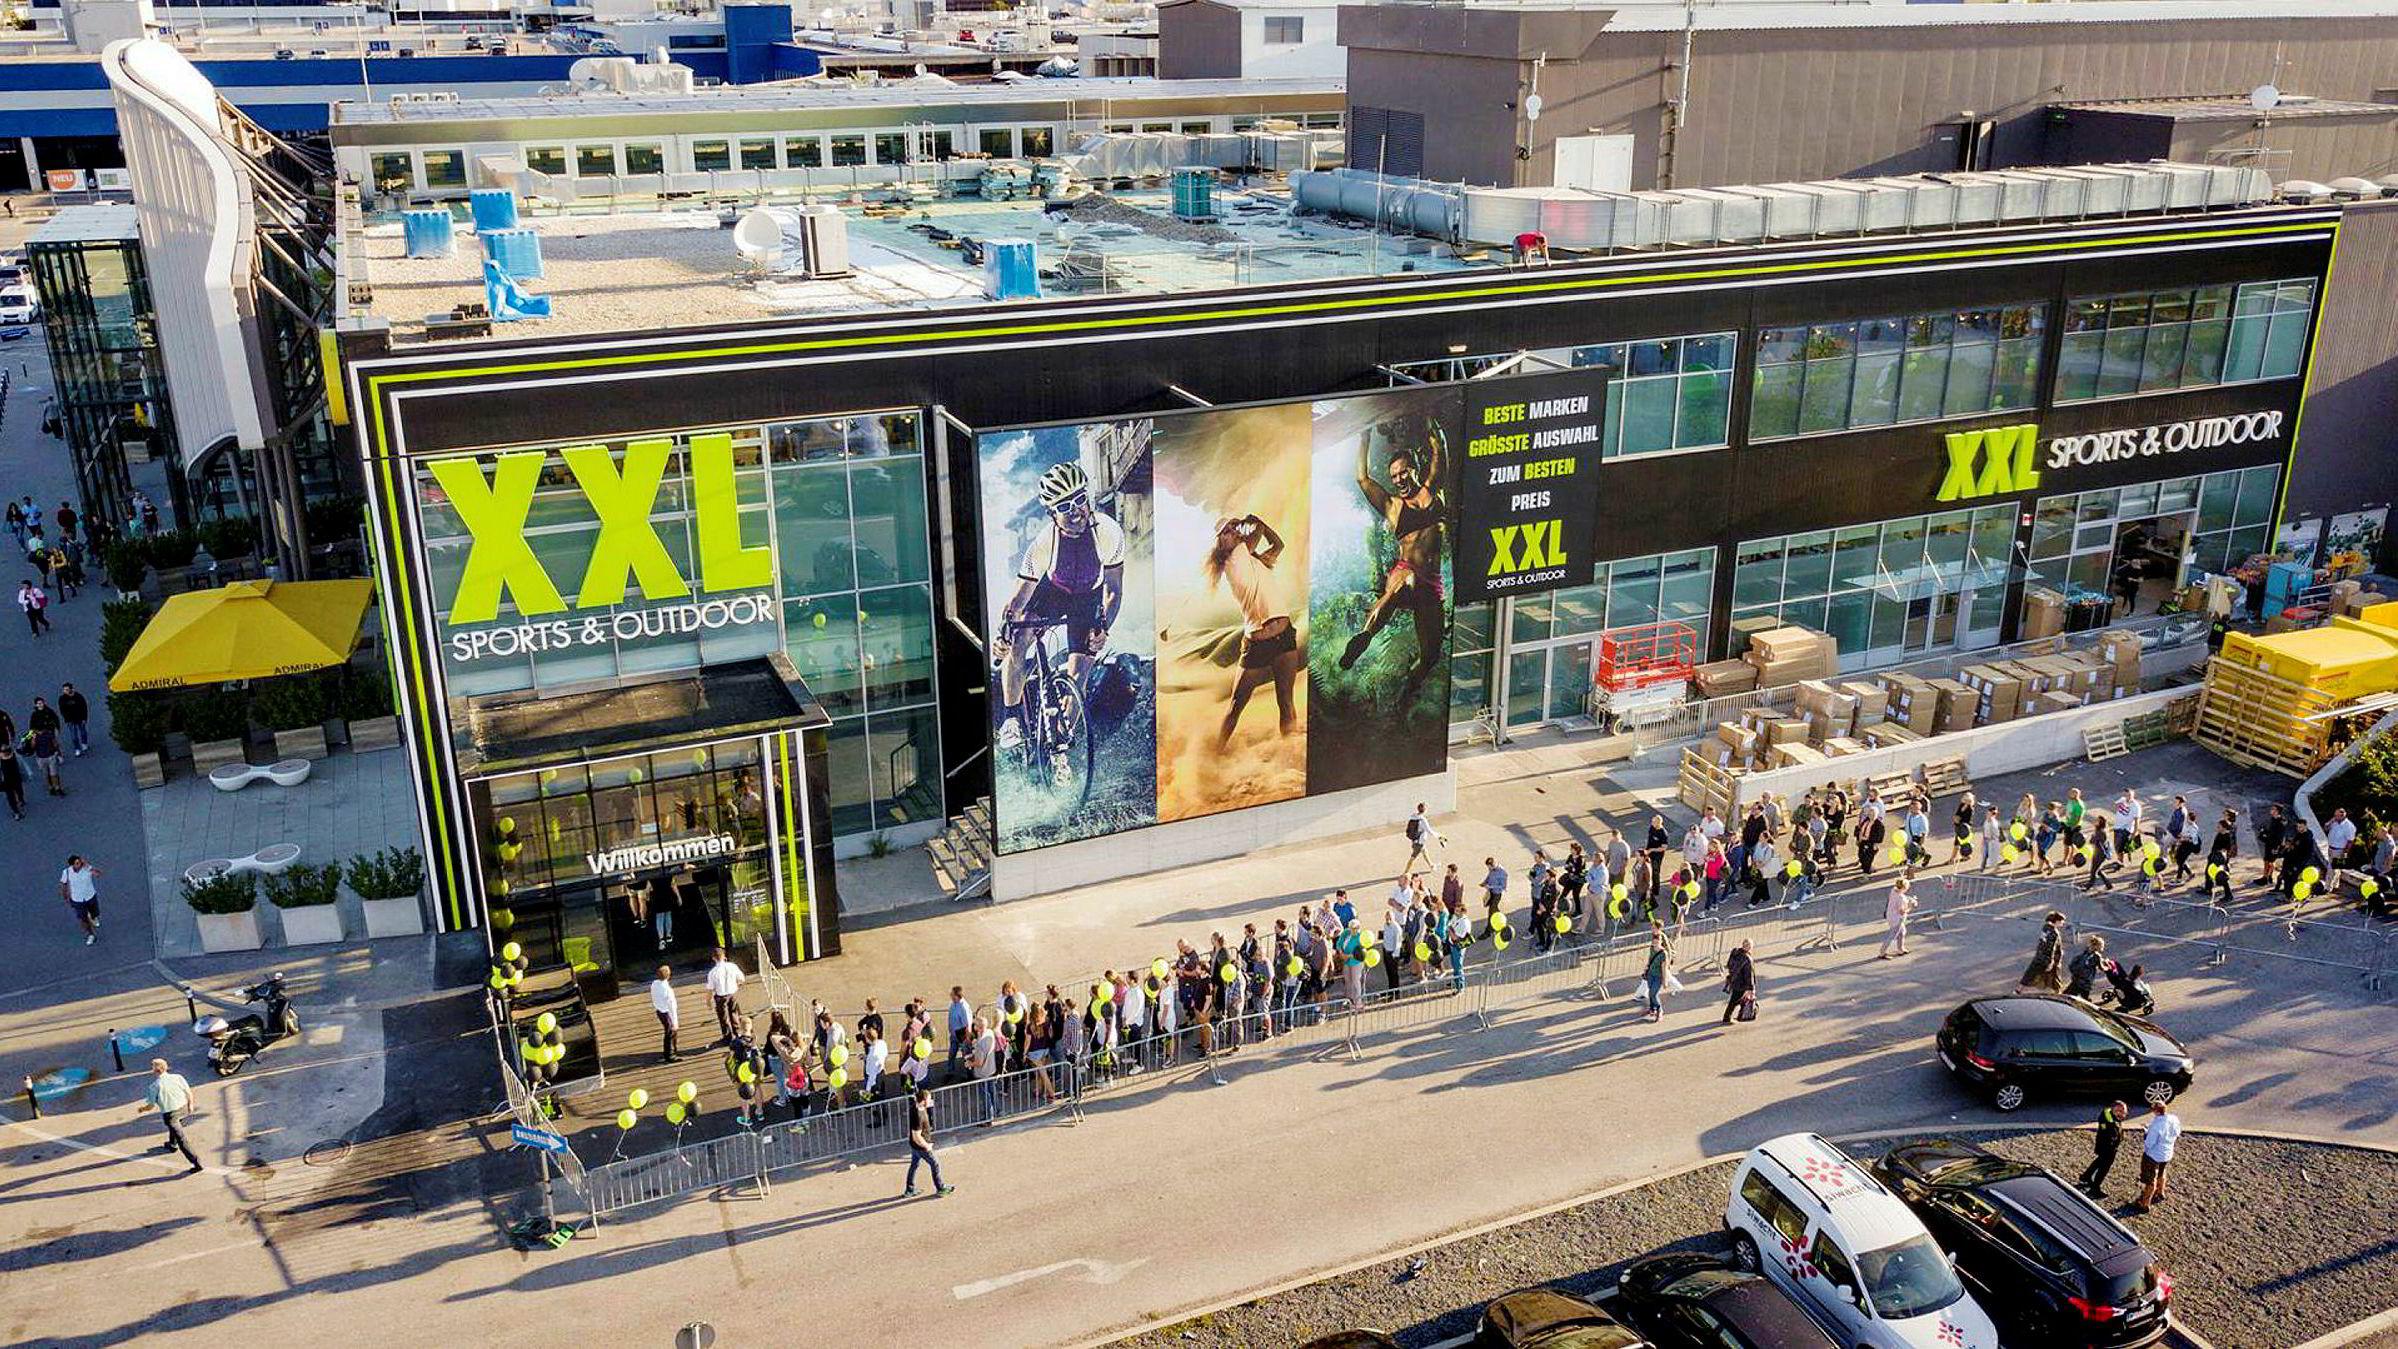 XXL er full gang med å legge Østerrike under seg. Her fra åpningen av XXLs første varehus utenfor Wien tidligere i høst.